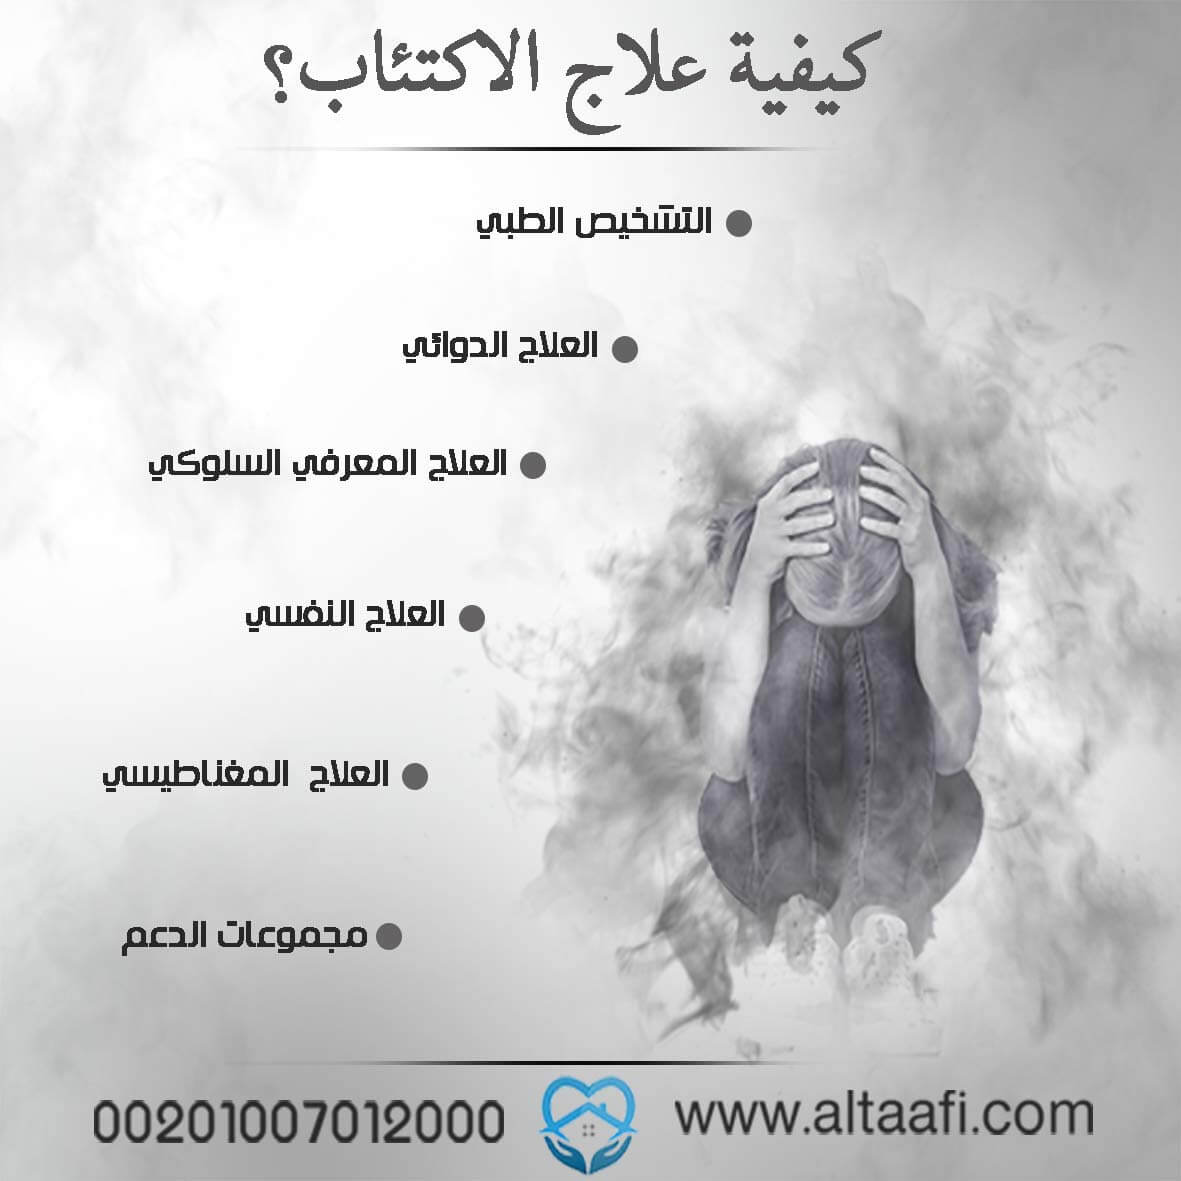 كيفية علاج الاكتئاب؟